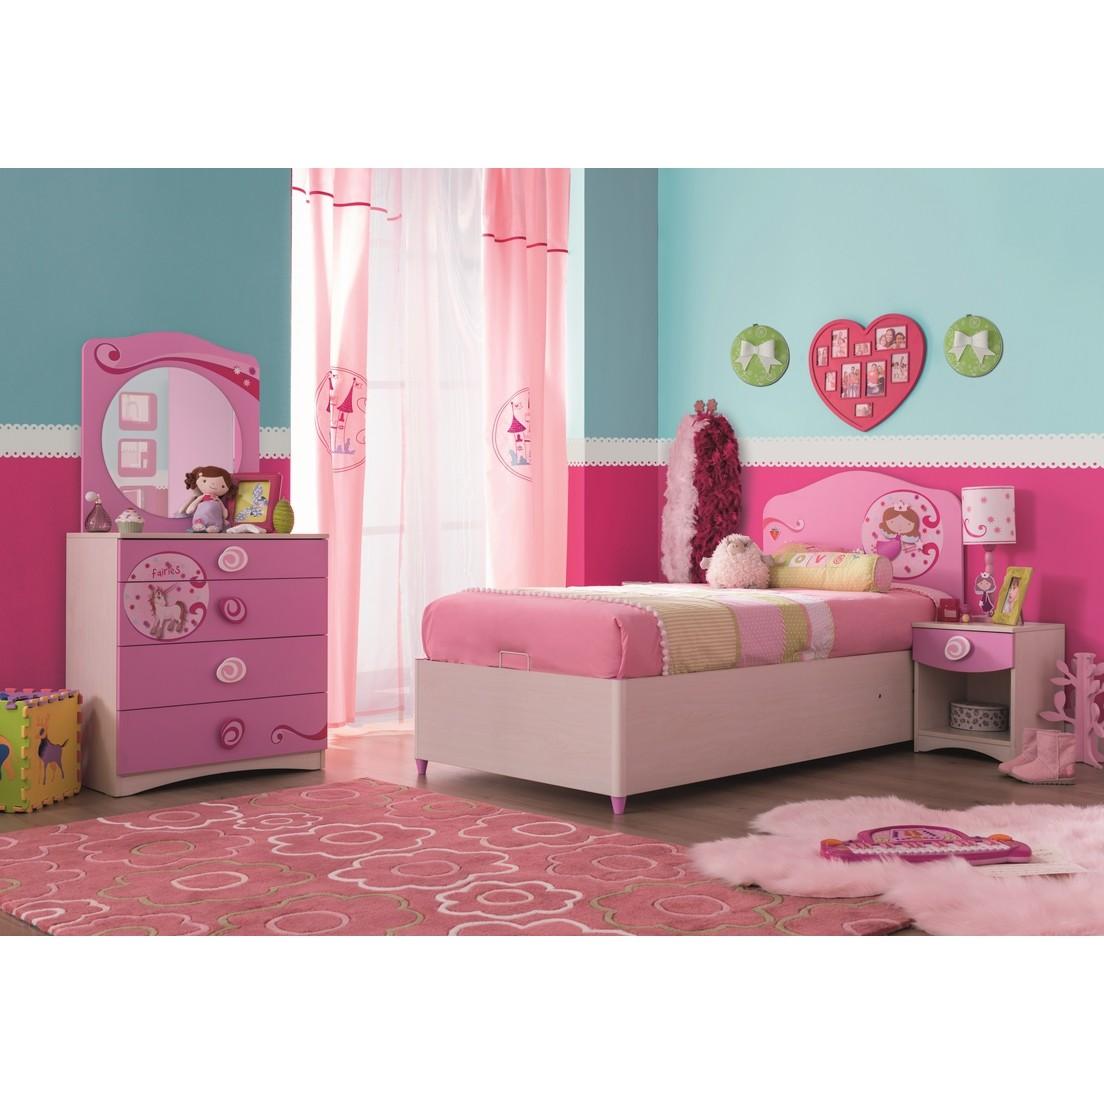 Elsa roze gordijn prinsessenkamer | Gratis verzending! Kinderkamer ...